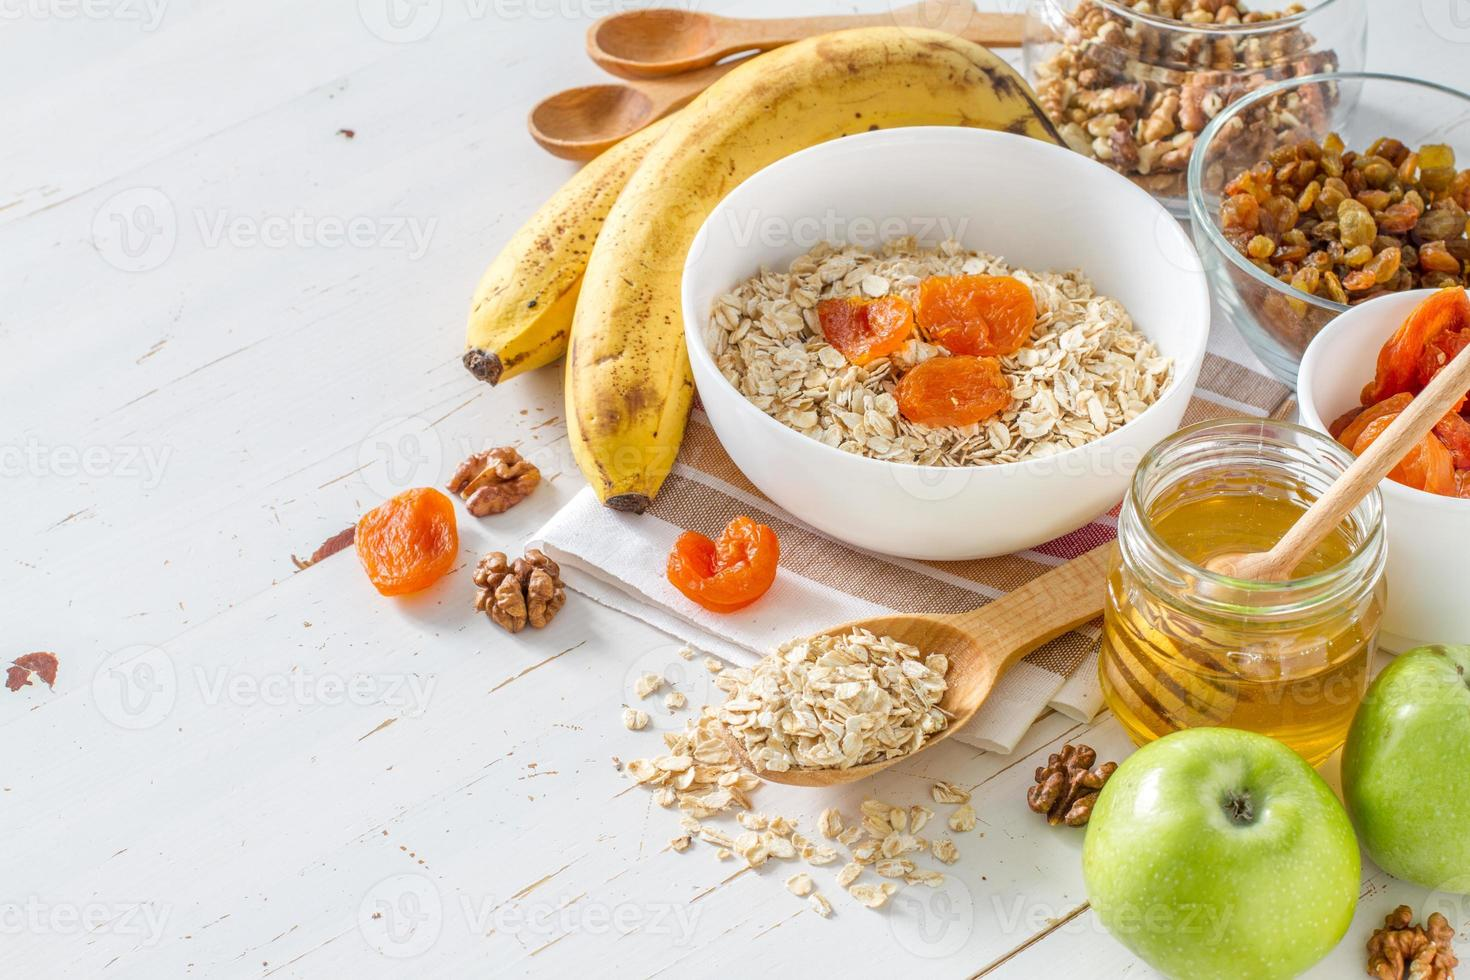 granola ingredienser - havre, banan, honung, nötter, äpple, torkad aprikos foto